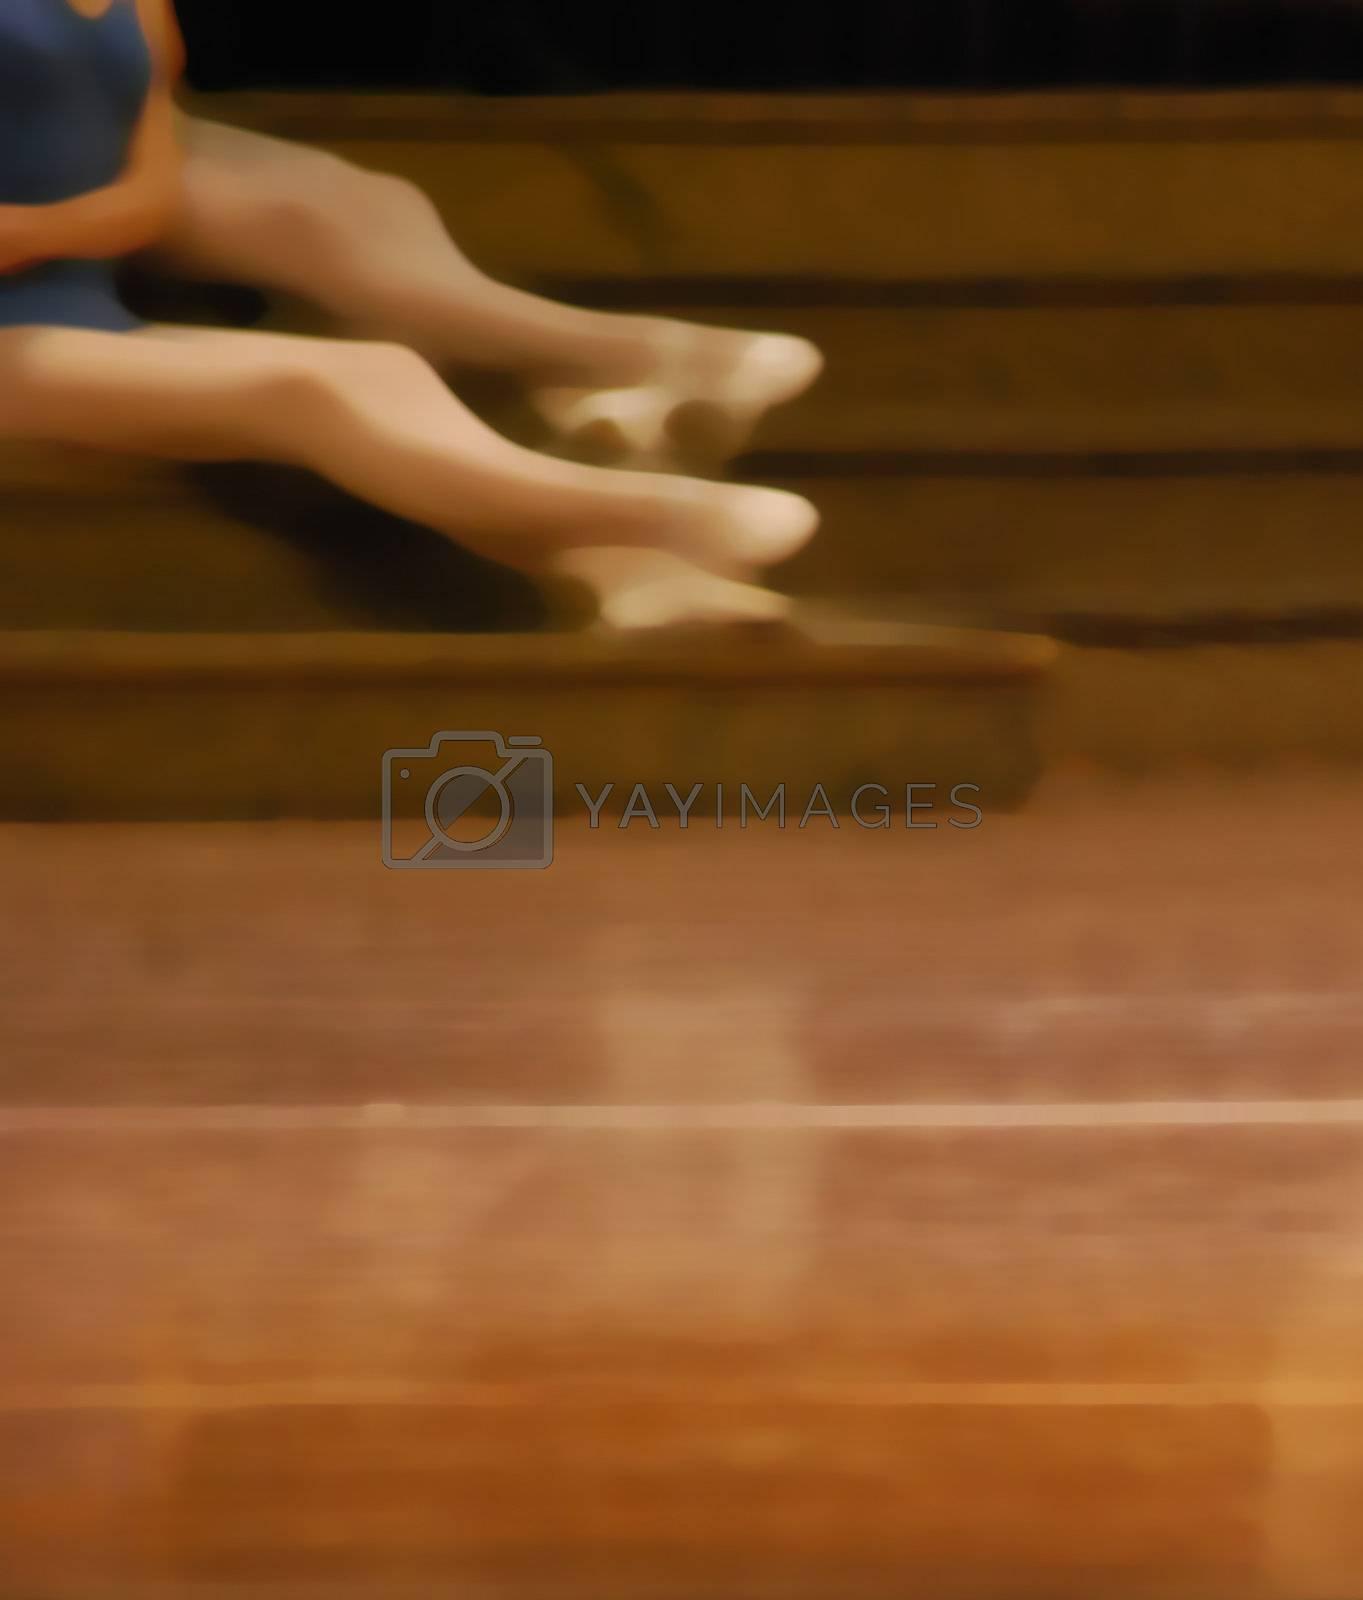 Illustration ballet training